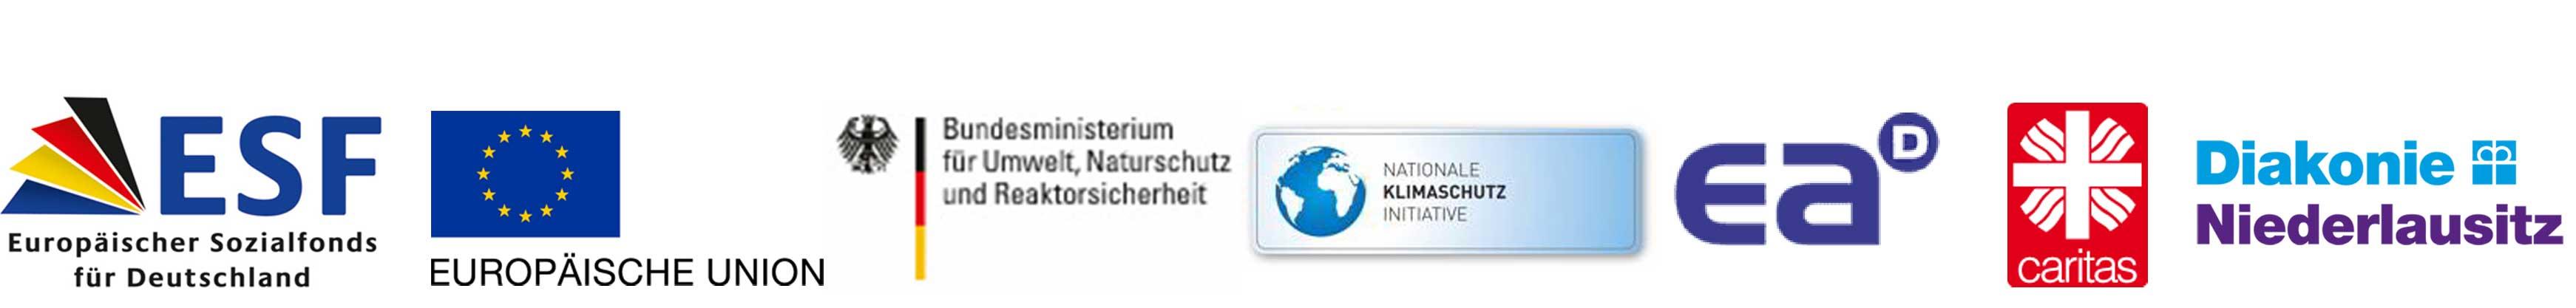 Strom-Logo